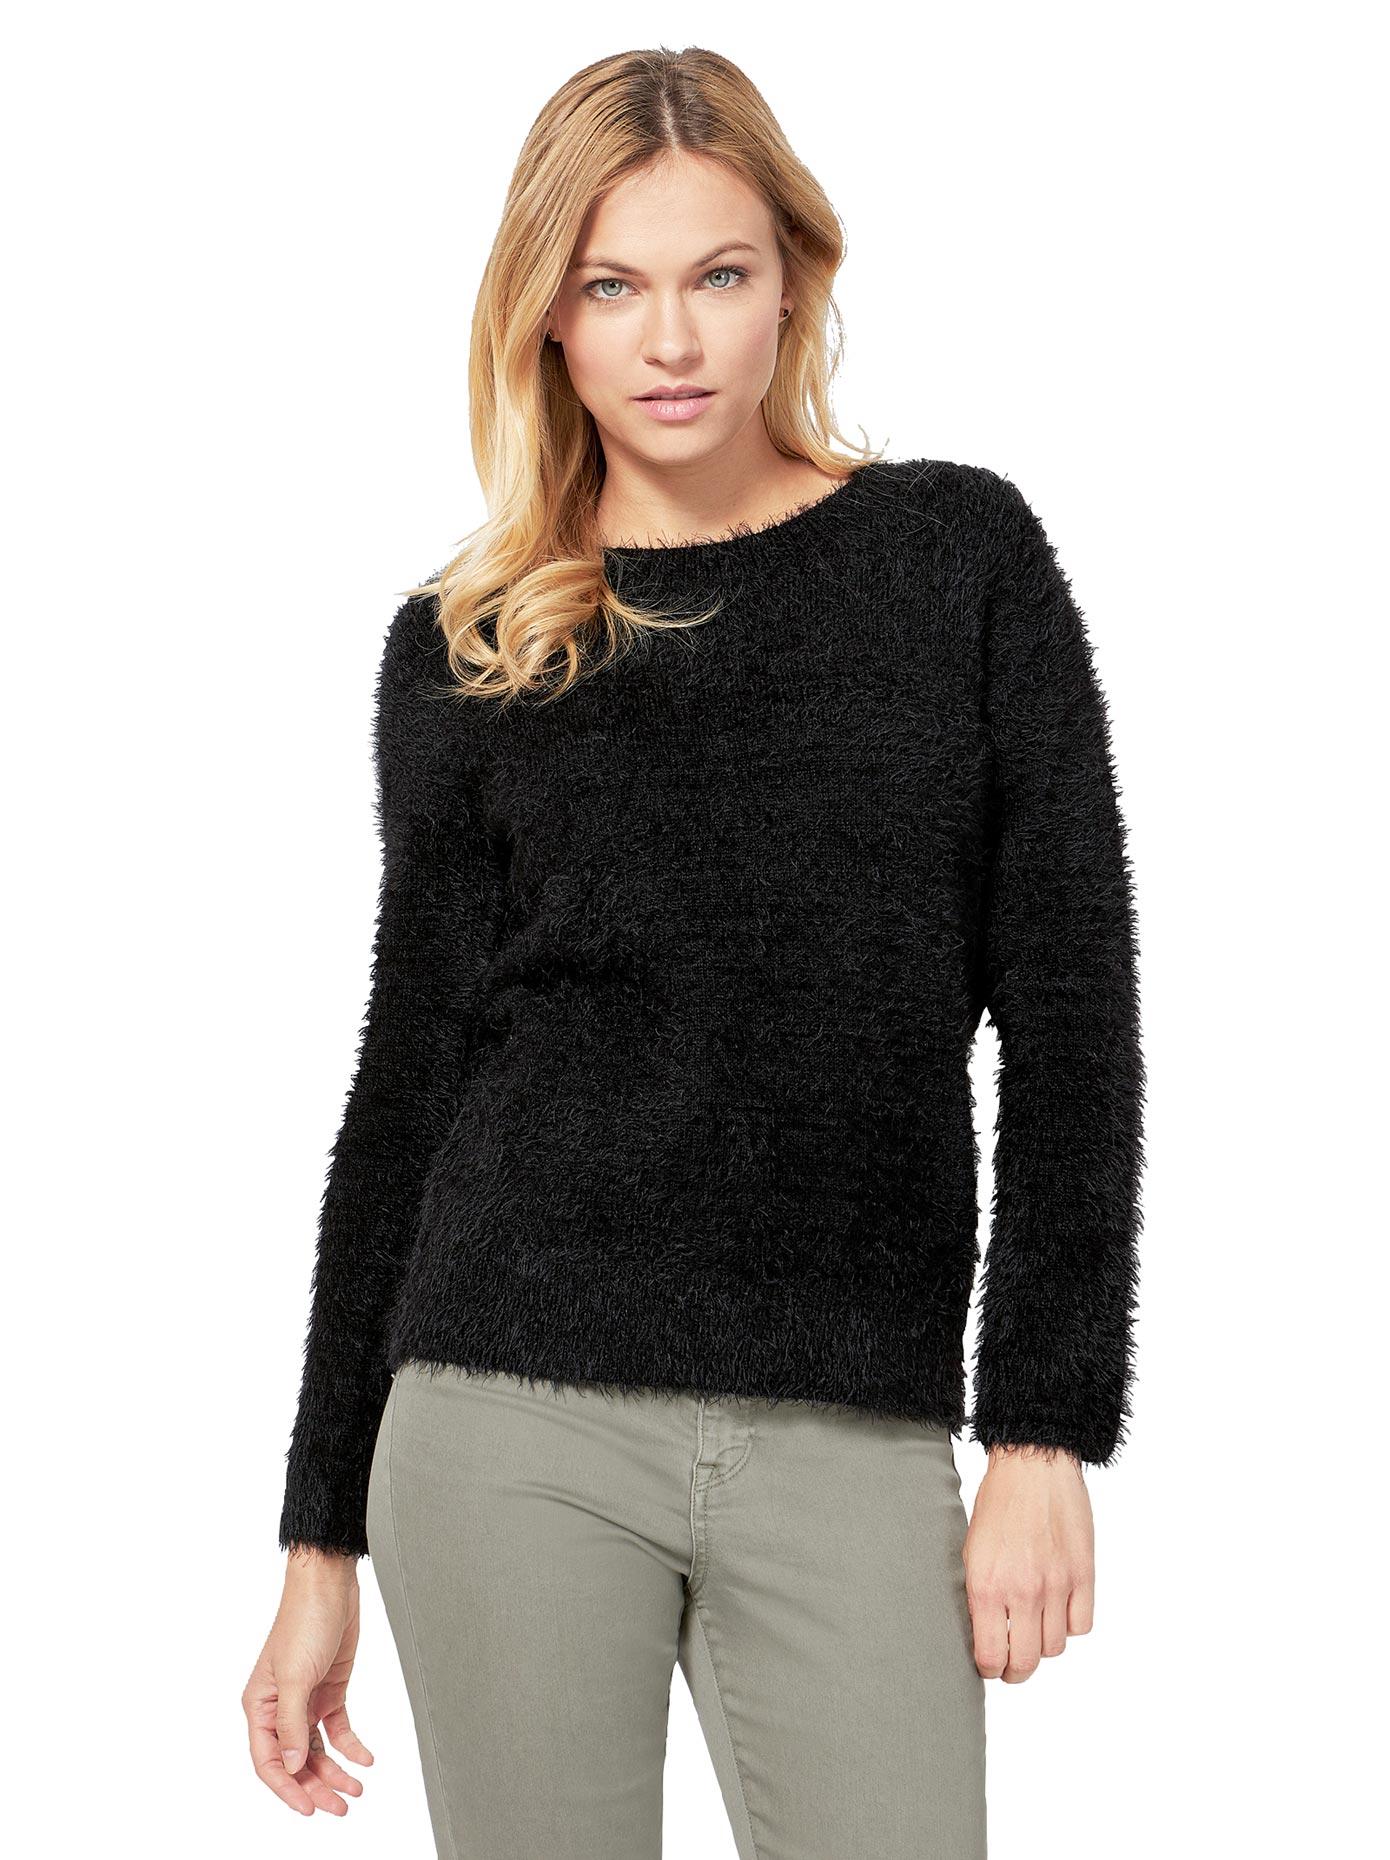 création L Pullover mit Rundhals-Ausschnitt | Bekleidung > Pullover | Schwarz | Creation L